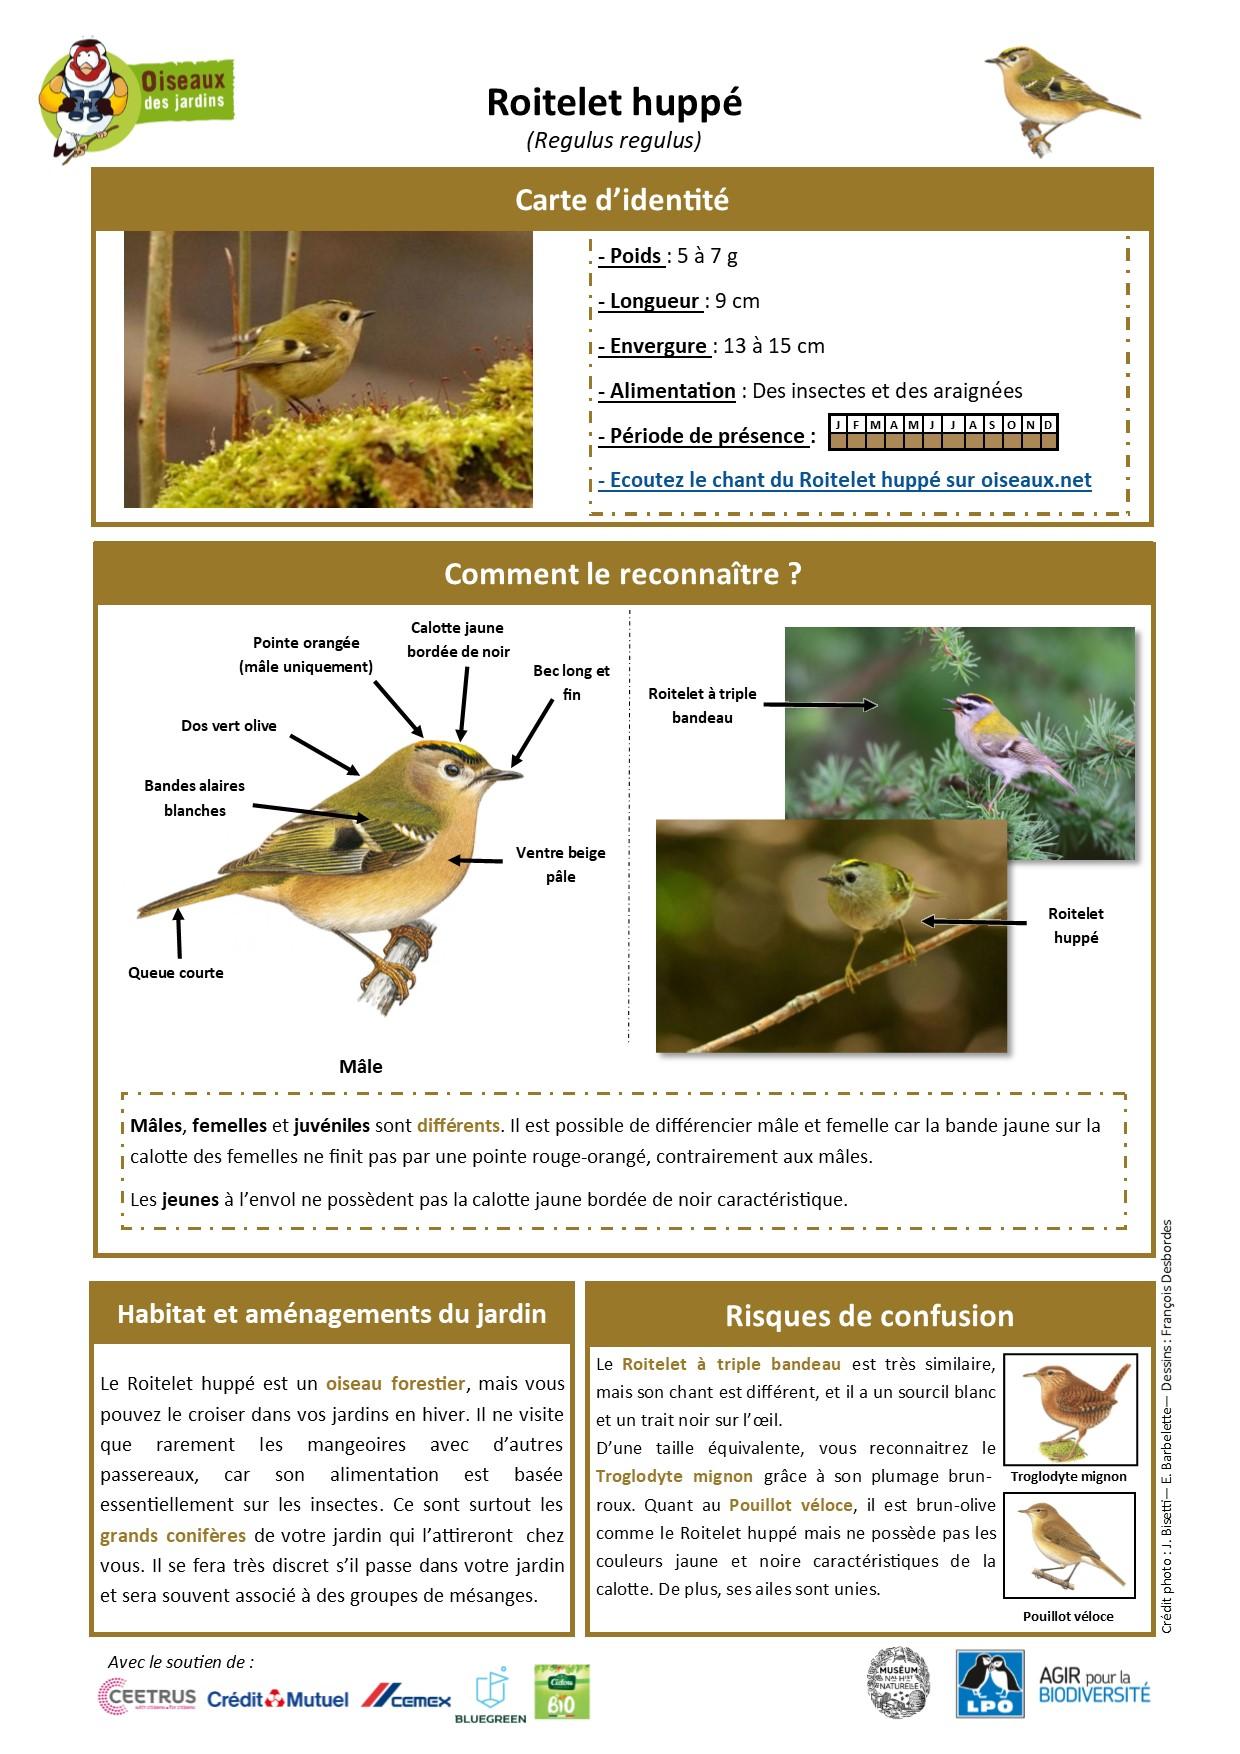 https://cdnfiles2.biolovision.net/www.oiseauxdesjardins.fr/userfiles/Fichesespces/FicheespceRHcompress.jpg